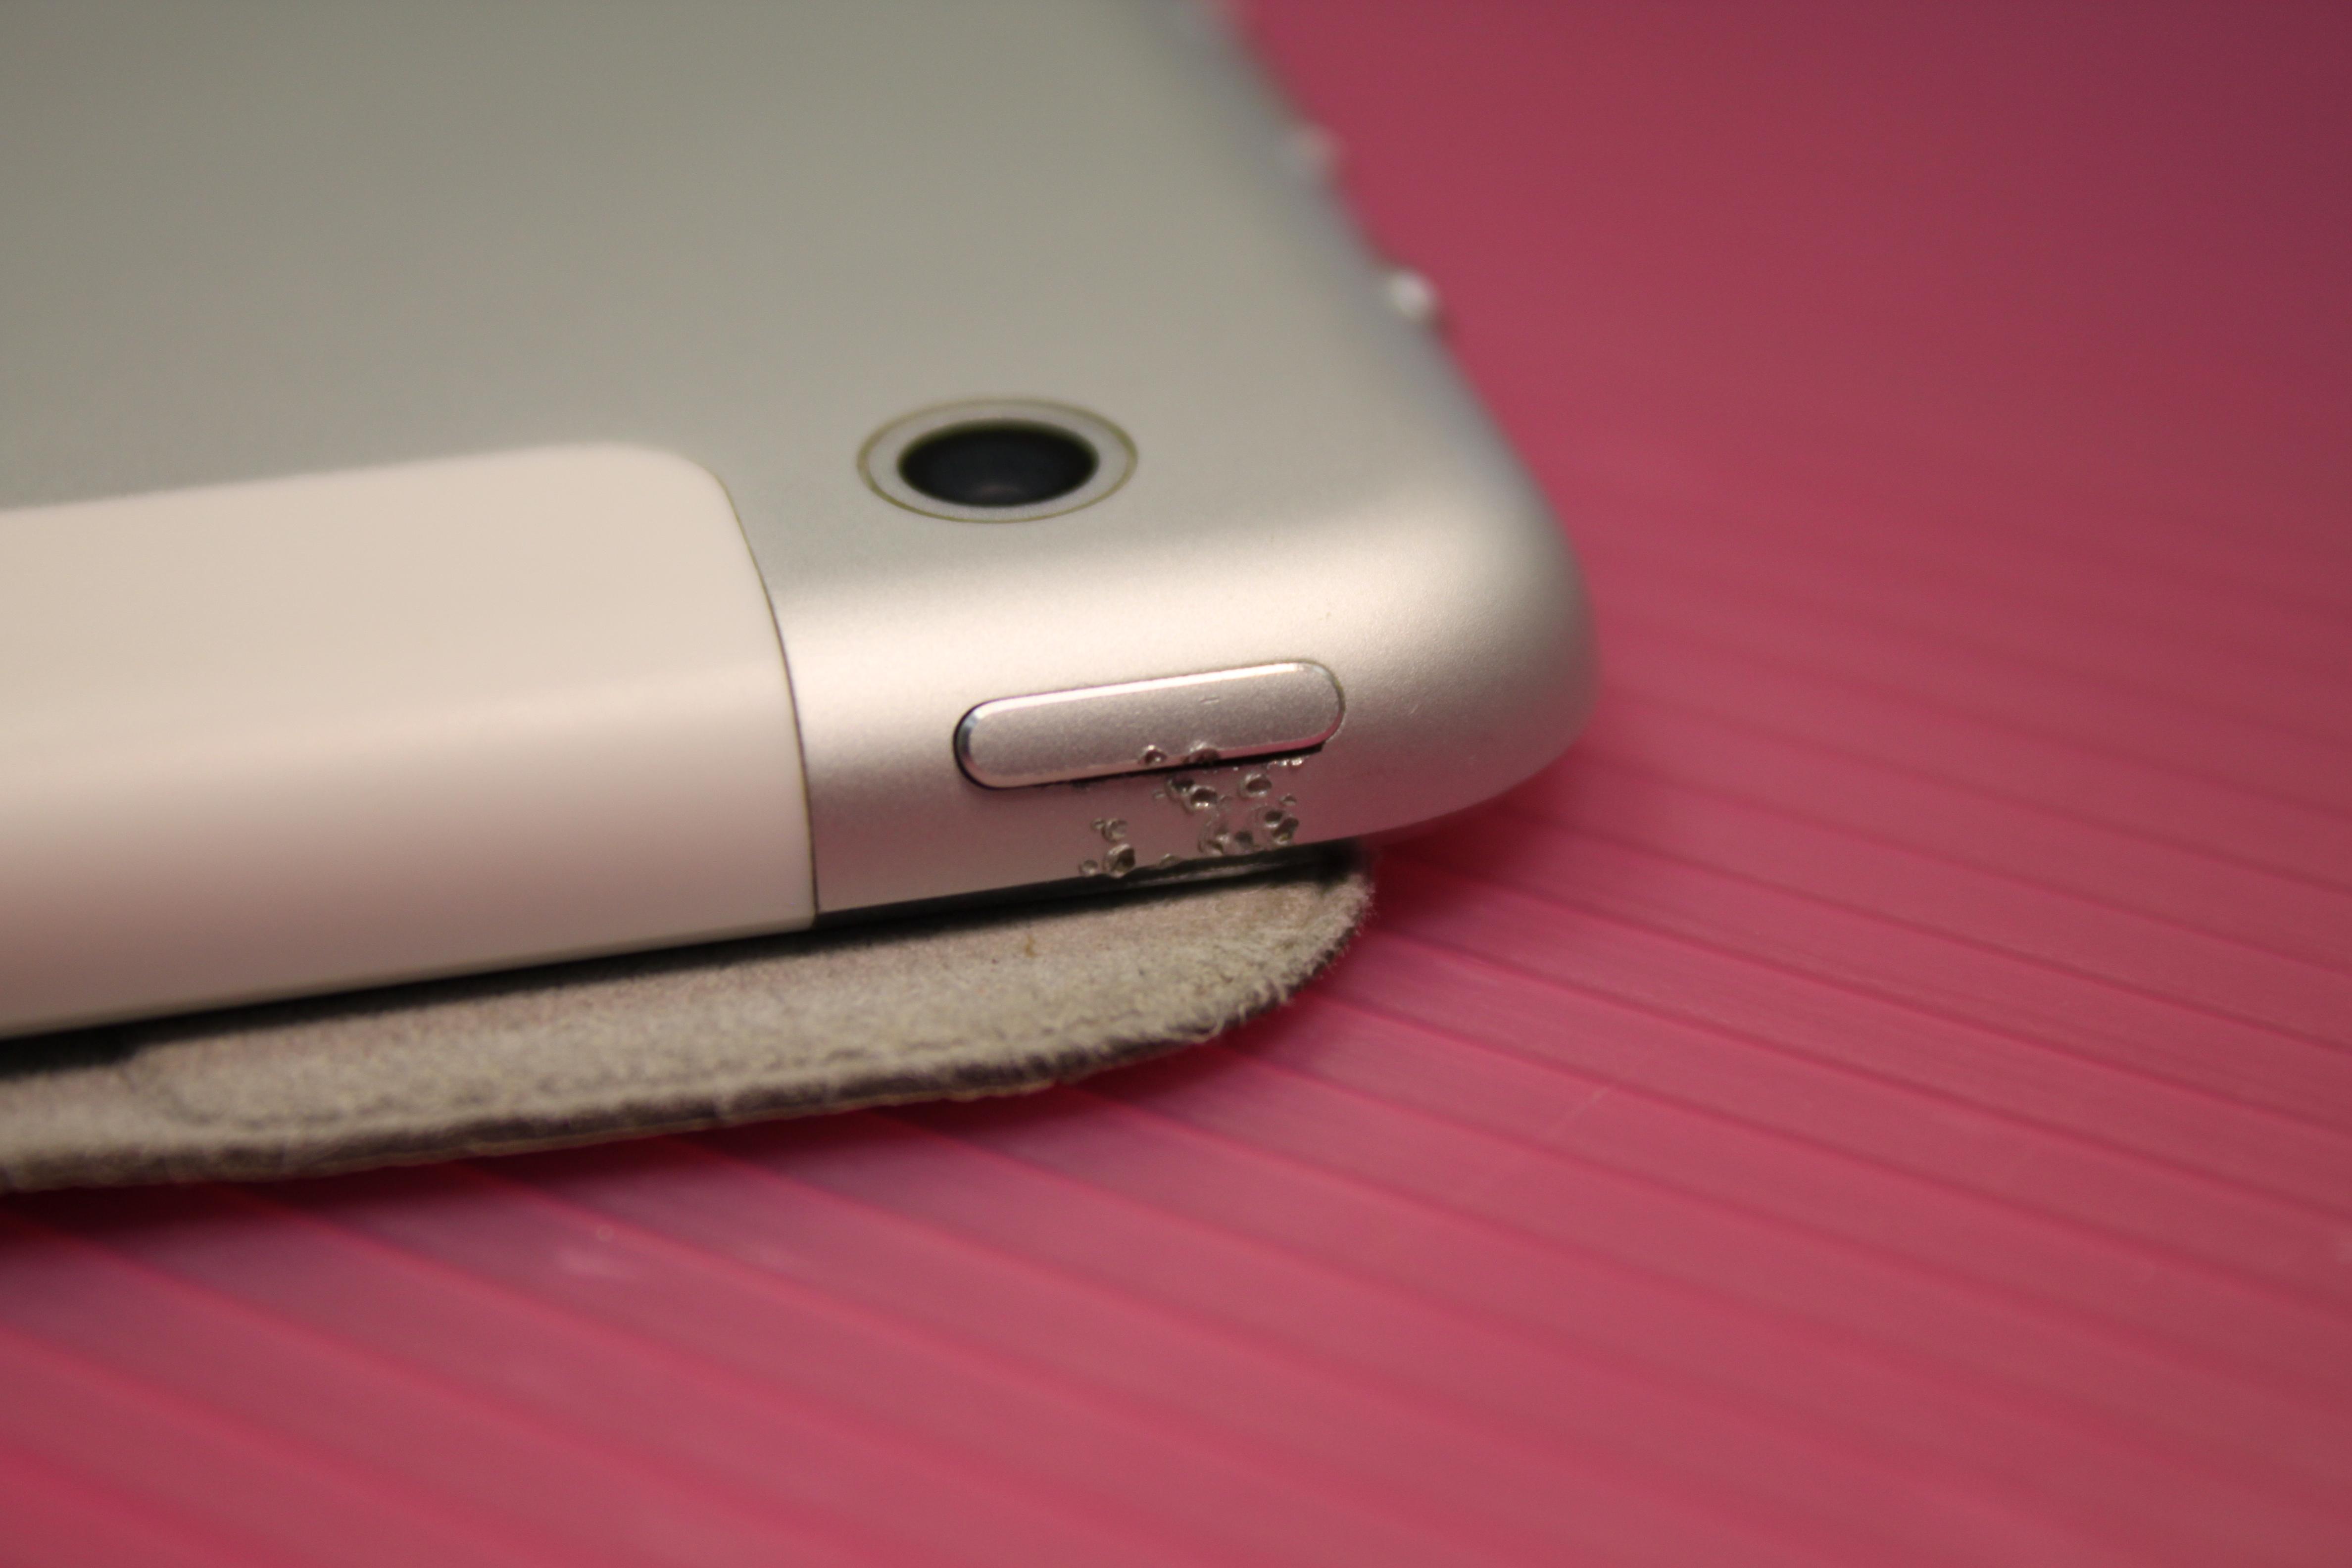 Выпрямление корпуса iPad в районе кнопки включения